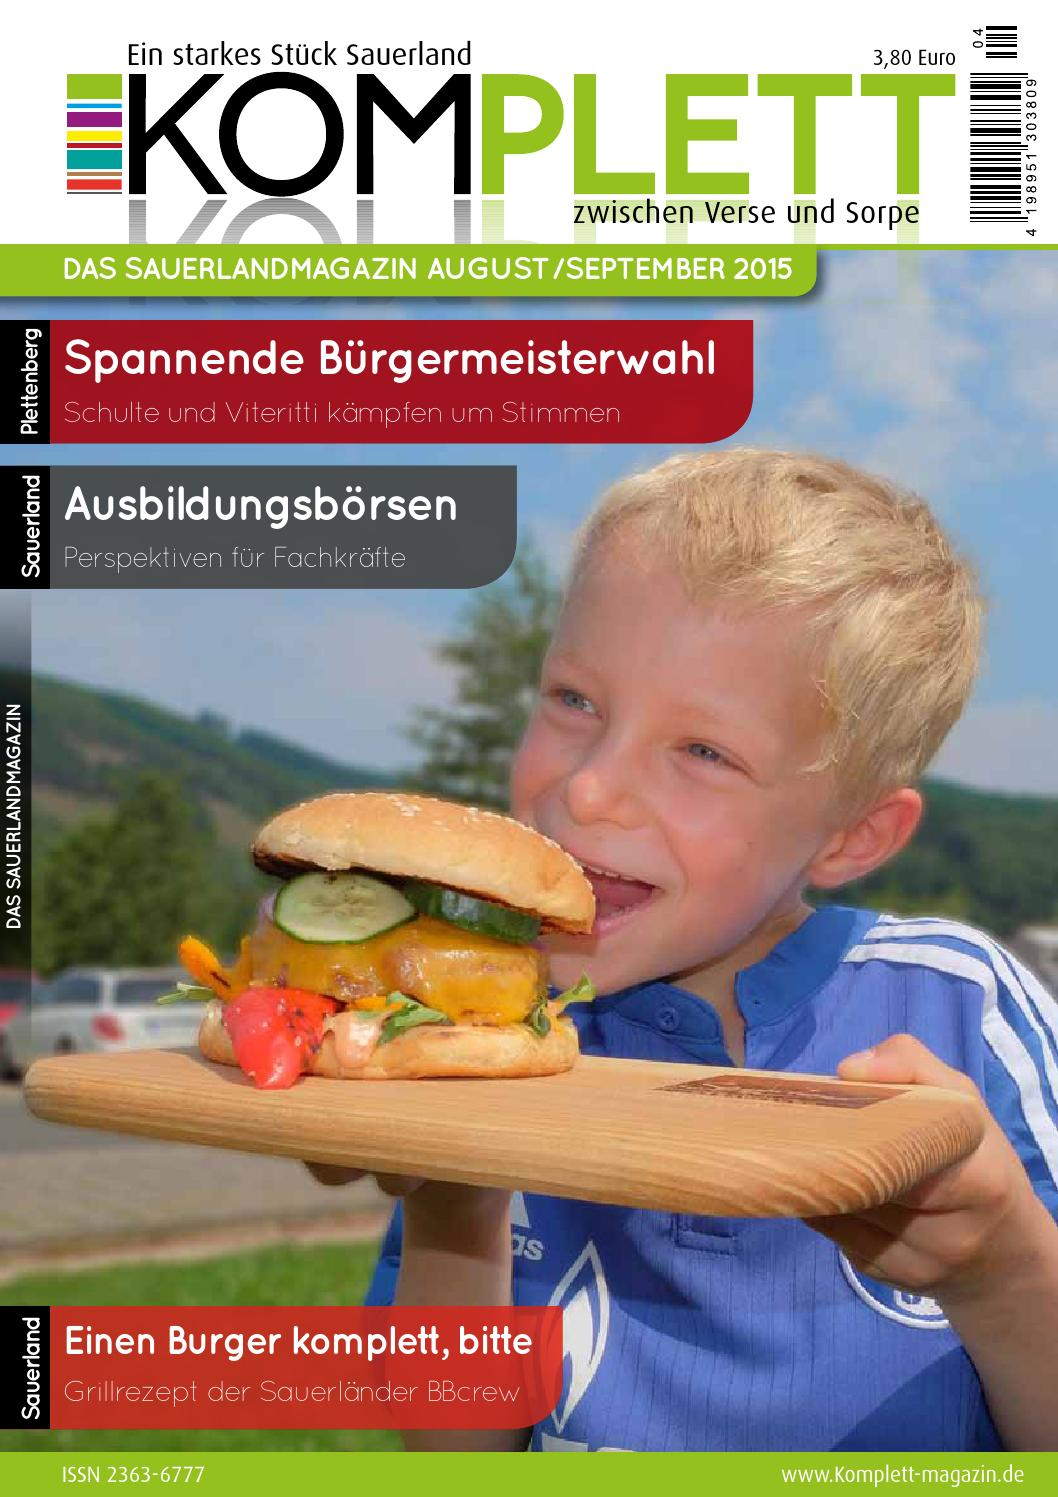 Komplett Das Sauerlandmagazin August/September 2015 by Komplett ...